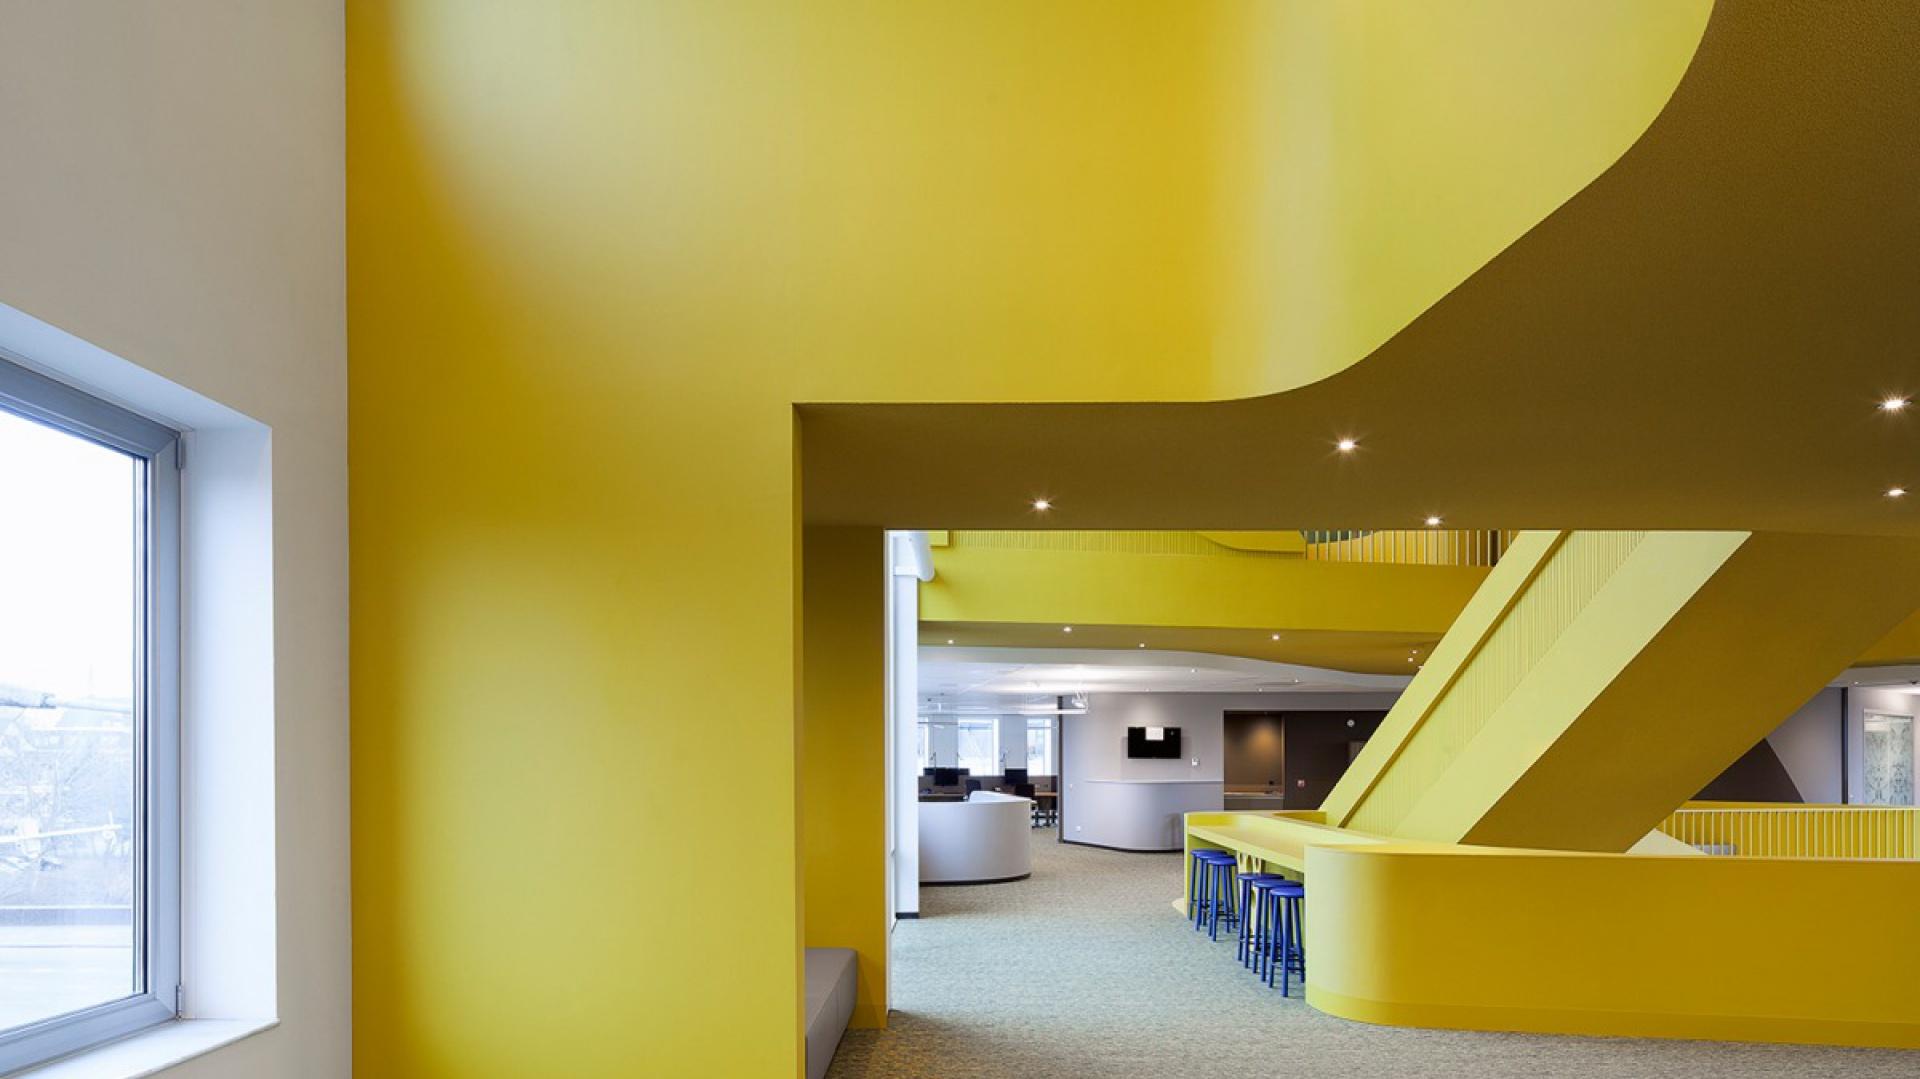 Wyróżniające się prostotą i minimalizmem wnętrza stanowią komfortową przestrzeń do nauki. Fot. Sto